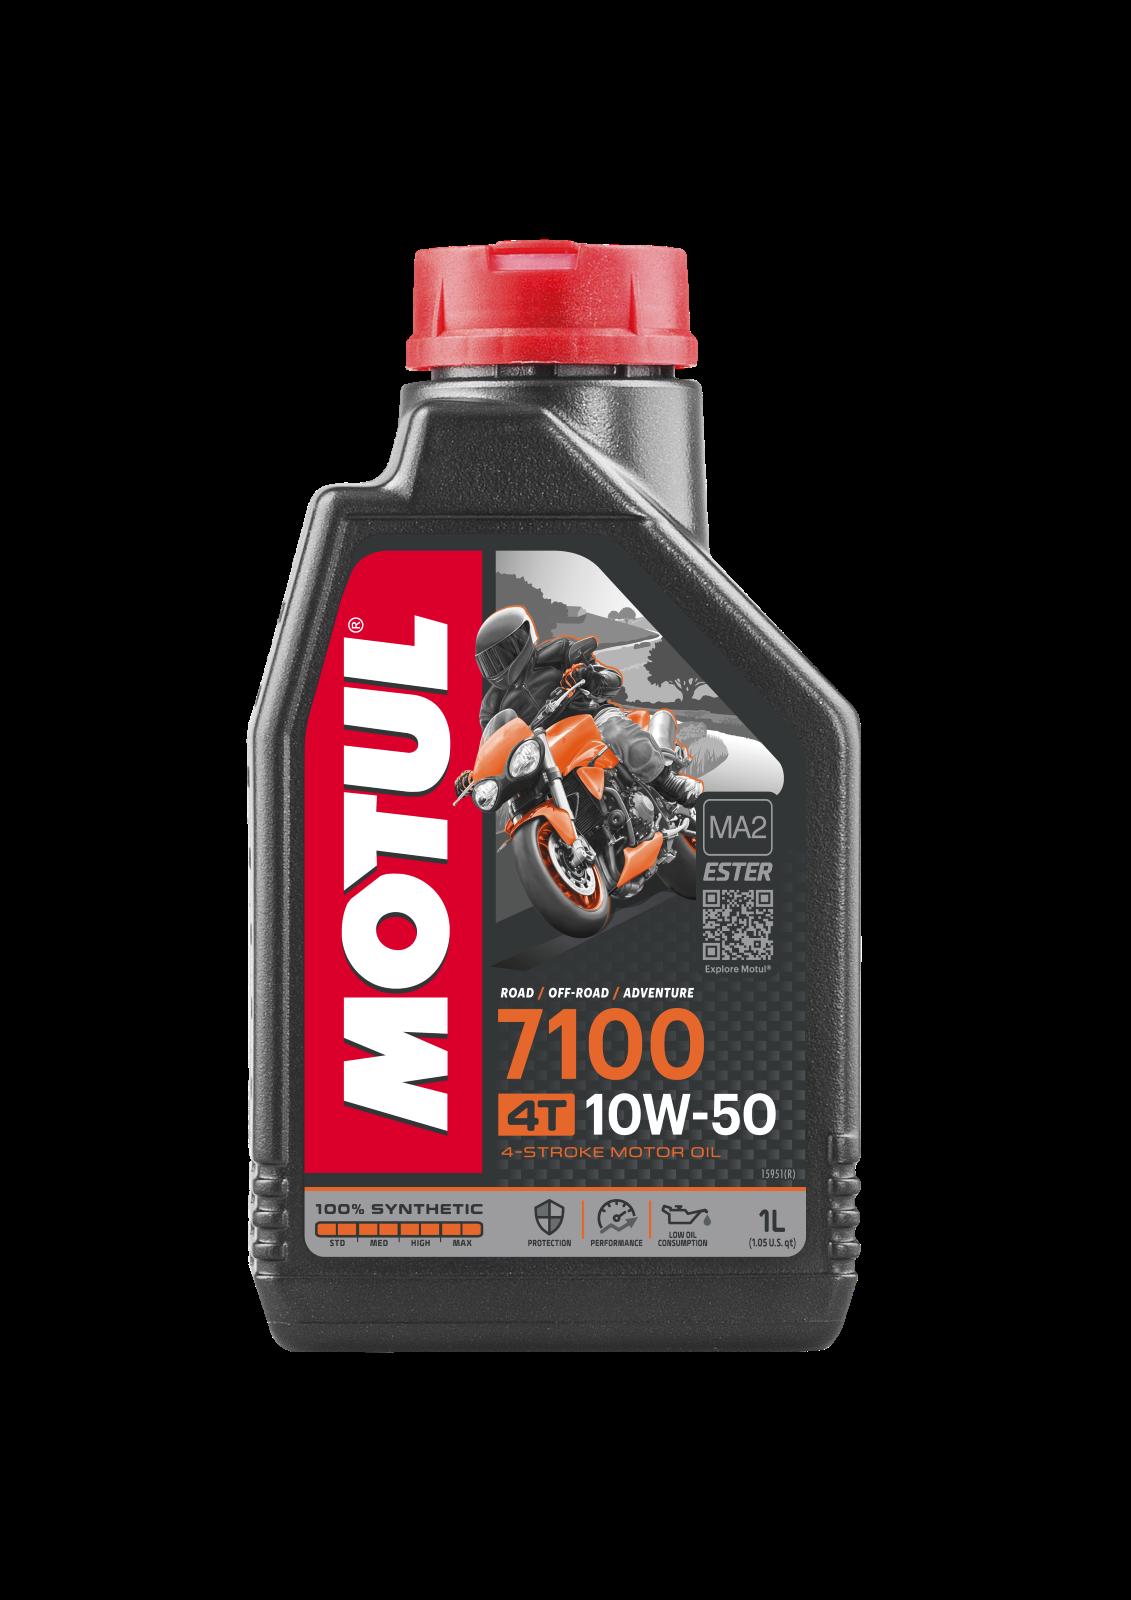 MOTUL AG MOTUL 7100 4T 10W-50 1L